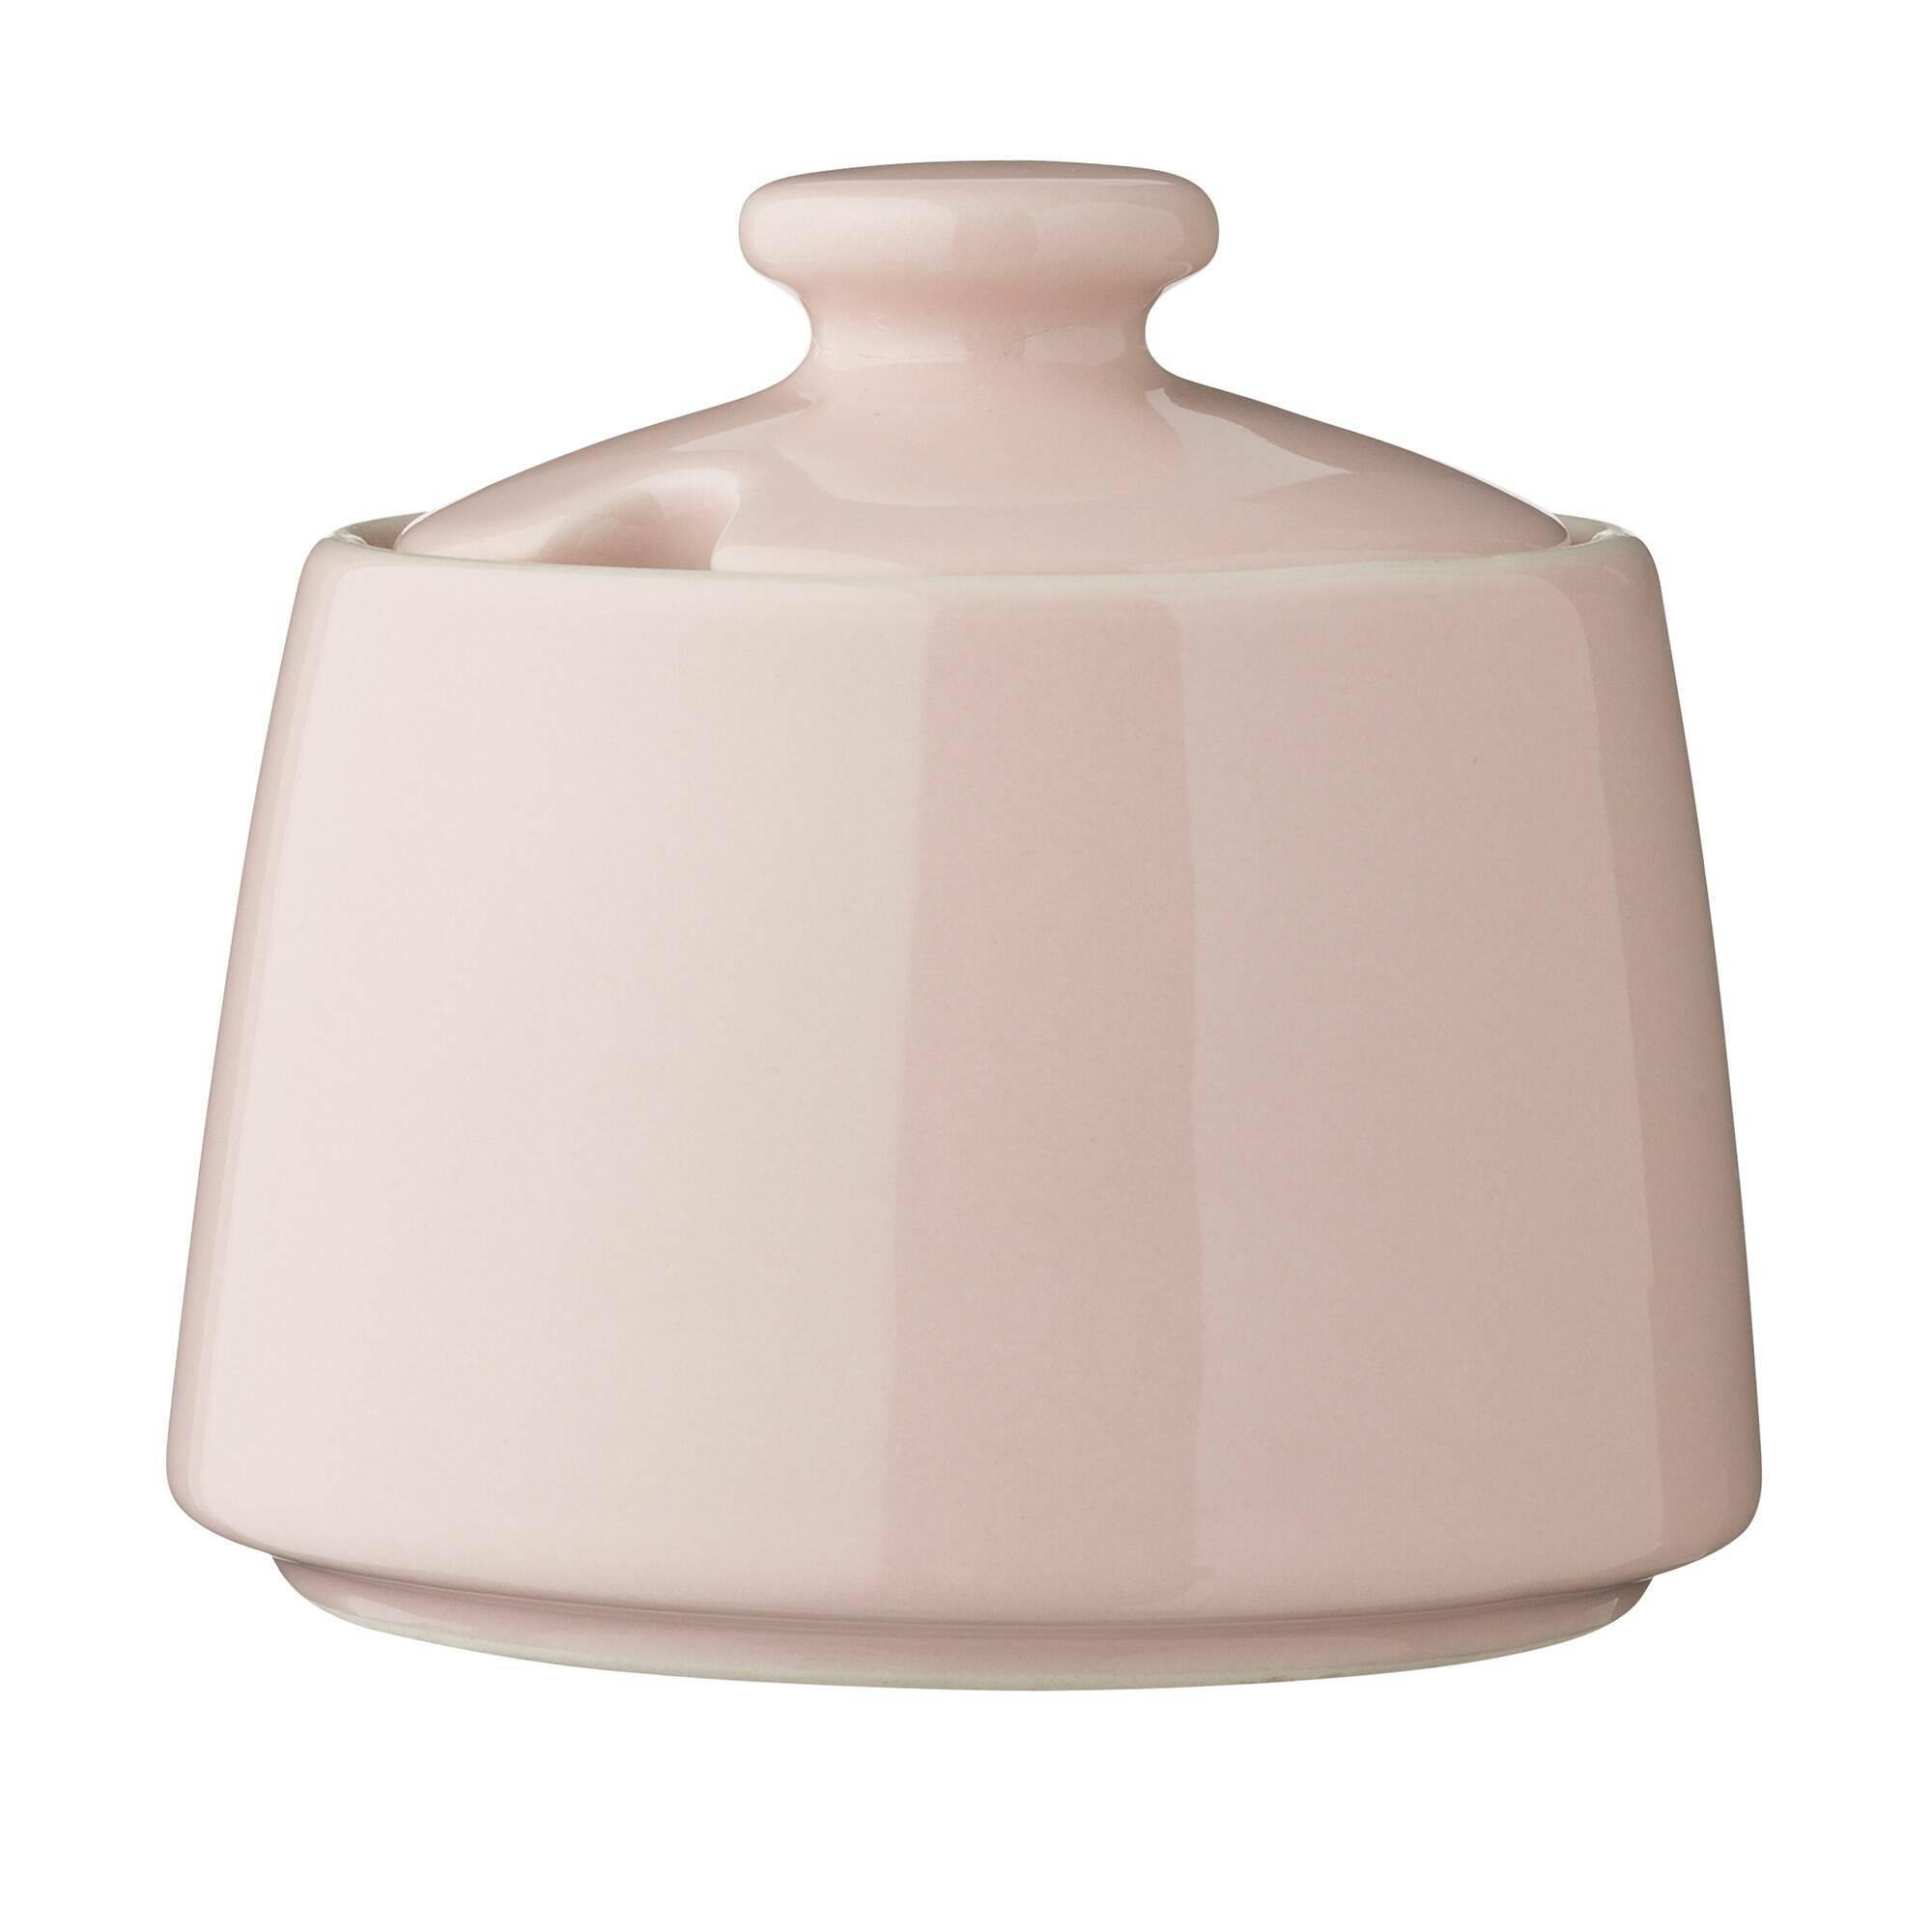 Сахарница Bloomingville розоваяПосуда<br><br><br>stock: 0<br>Высота: 12<br>Материал: Керамика<br>Цвет: Розовый<br>Диаметр: 11